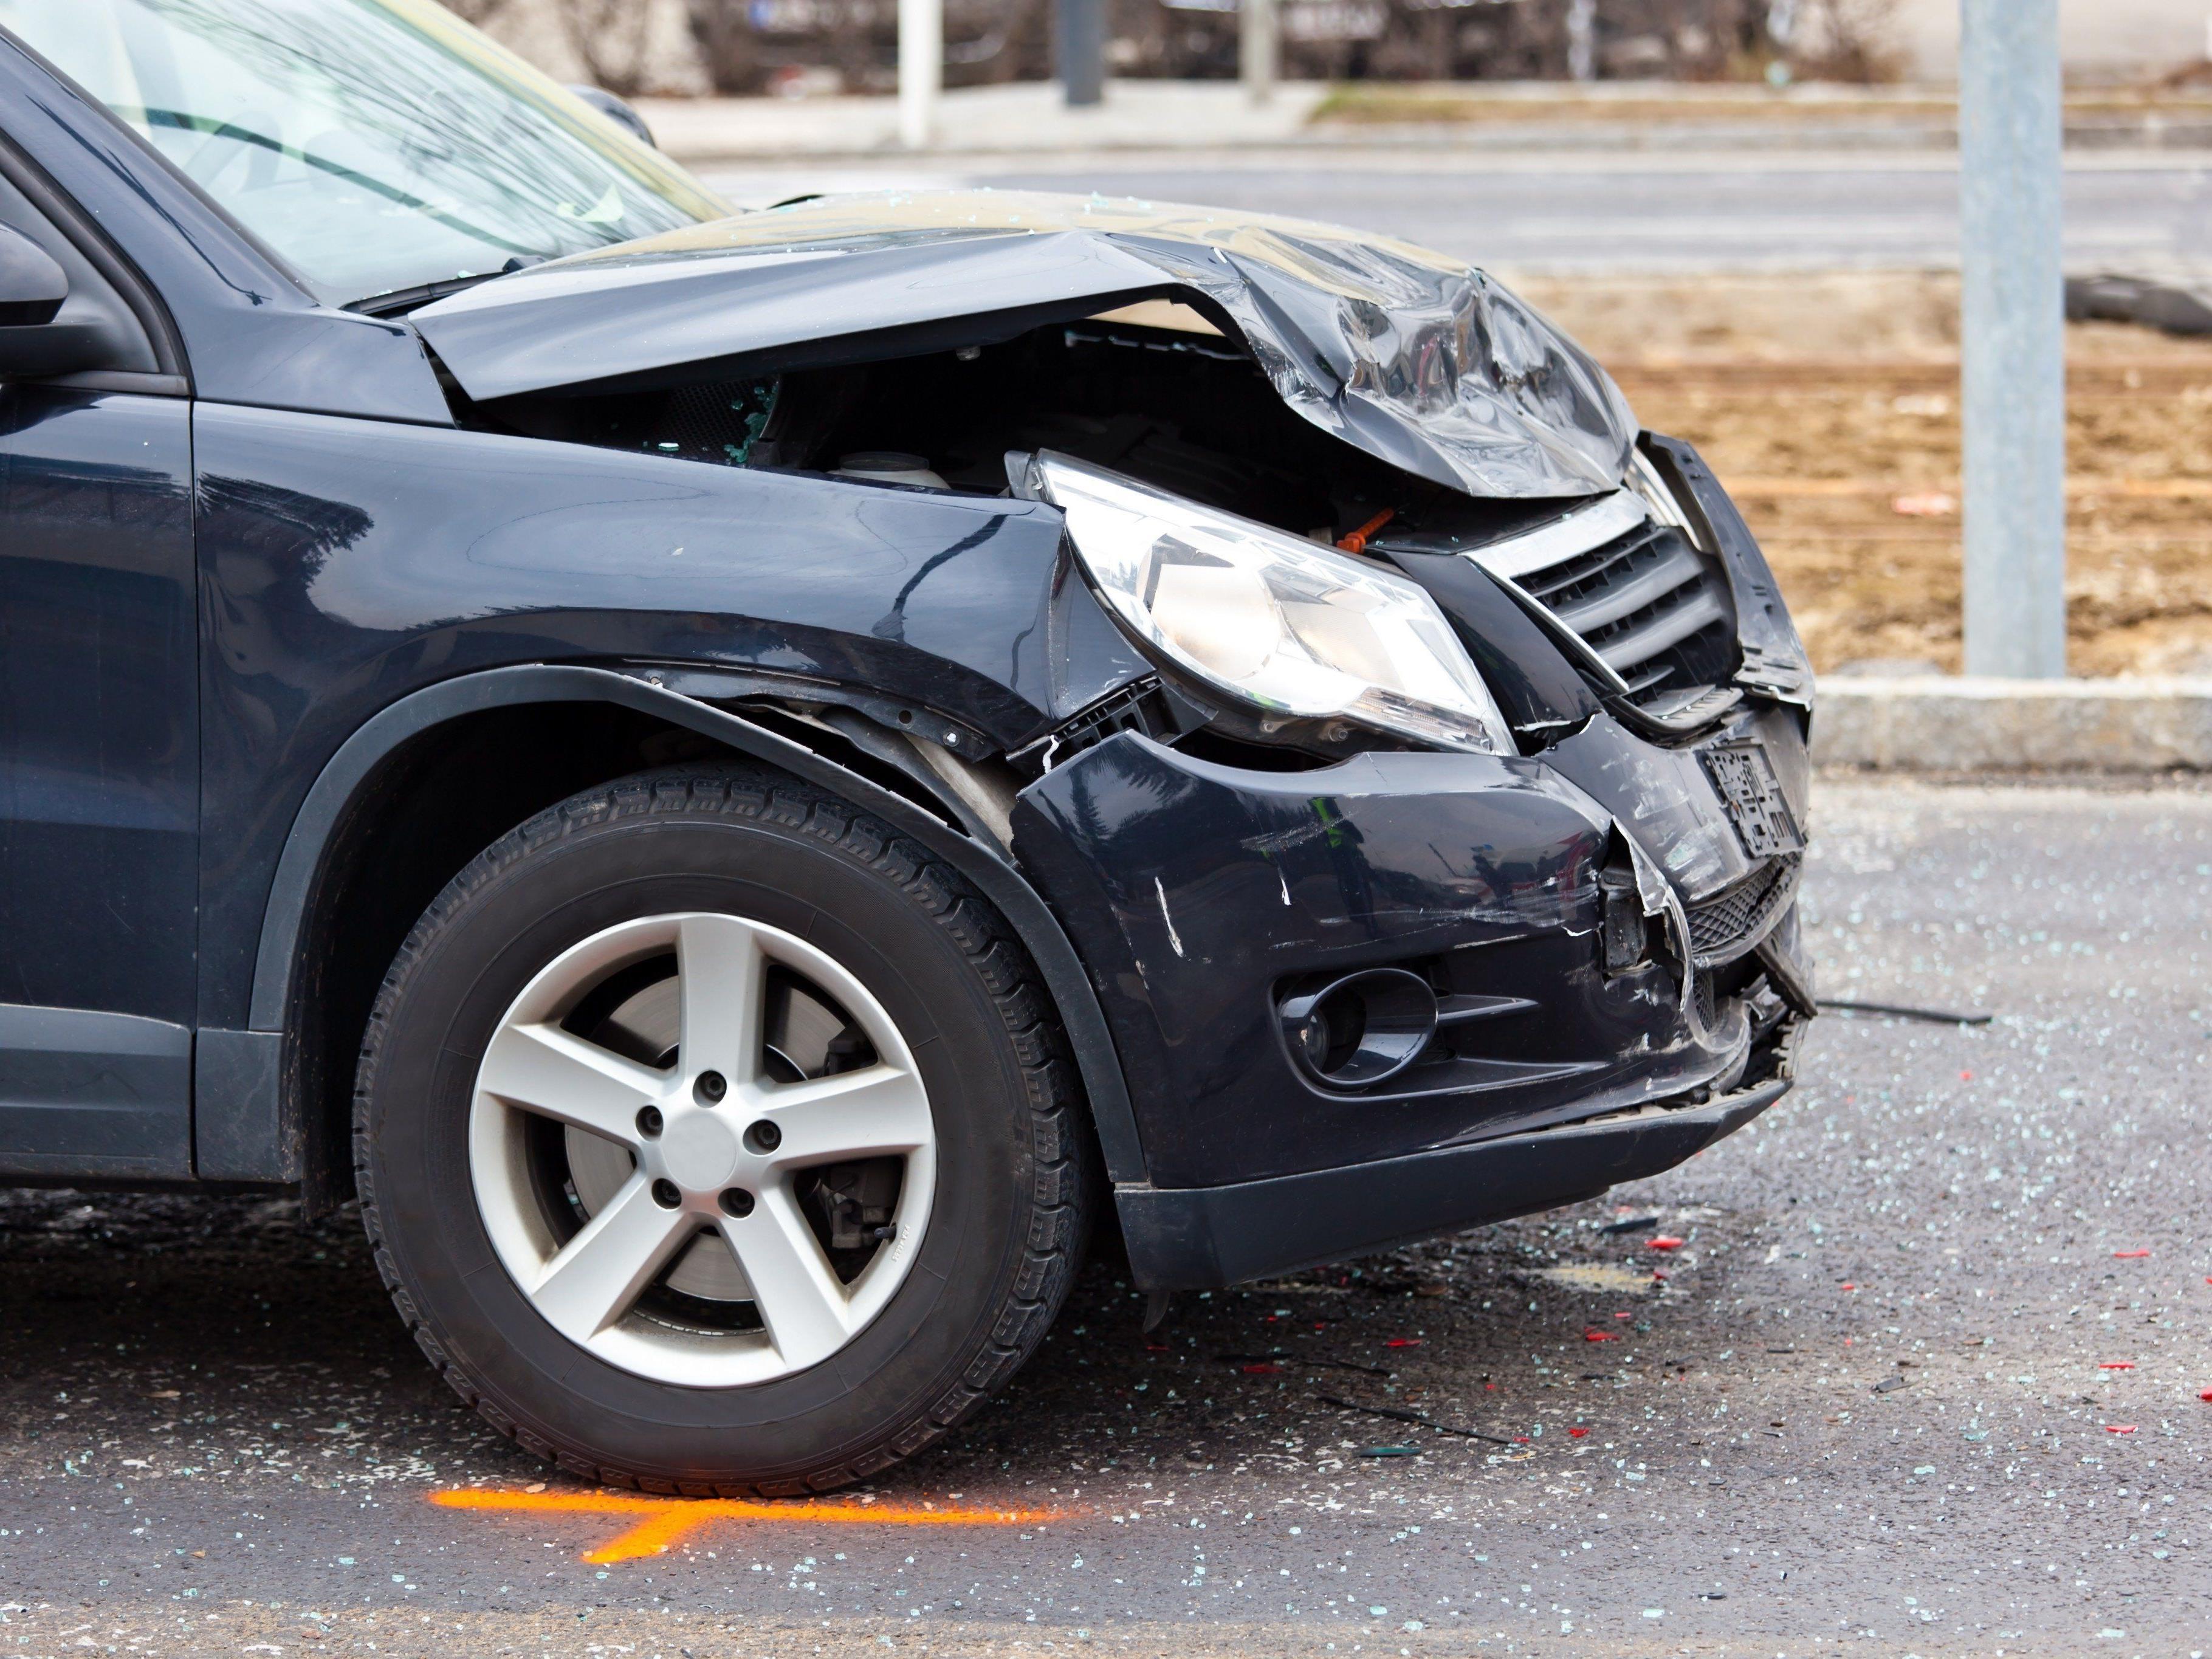 Ein 27-jähriger Mann und sein 3-jähriger Sohn wurden bei einem Autounfall verletzt.